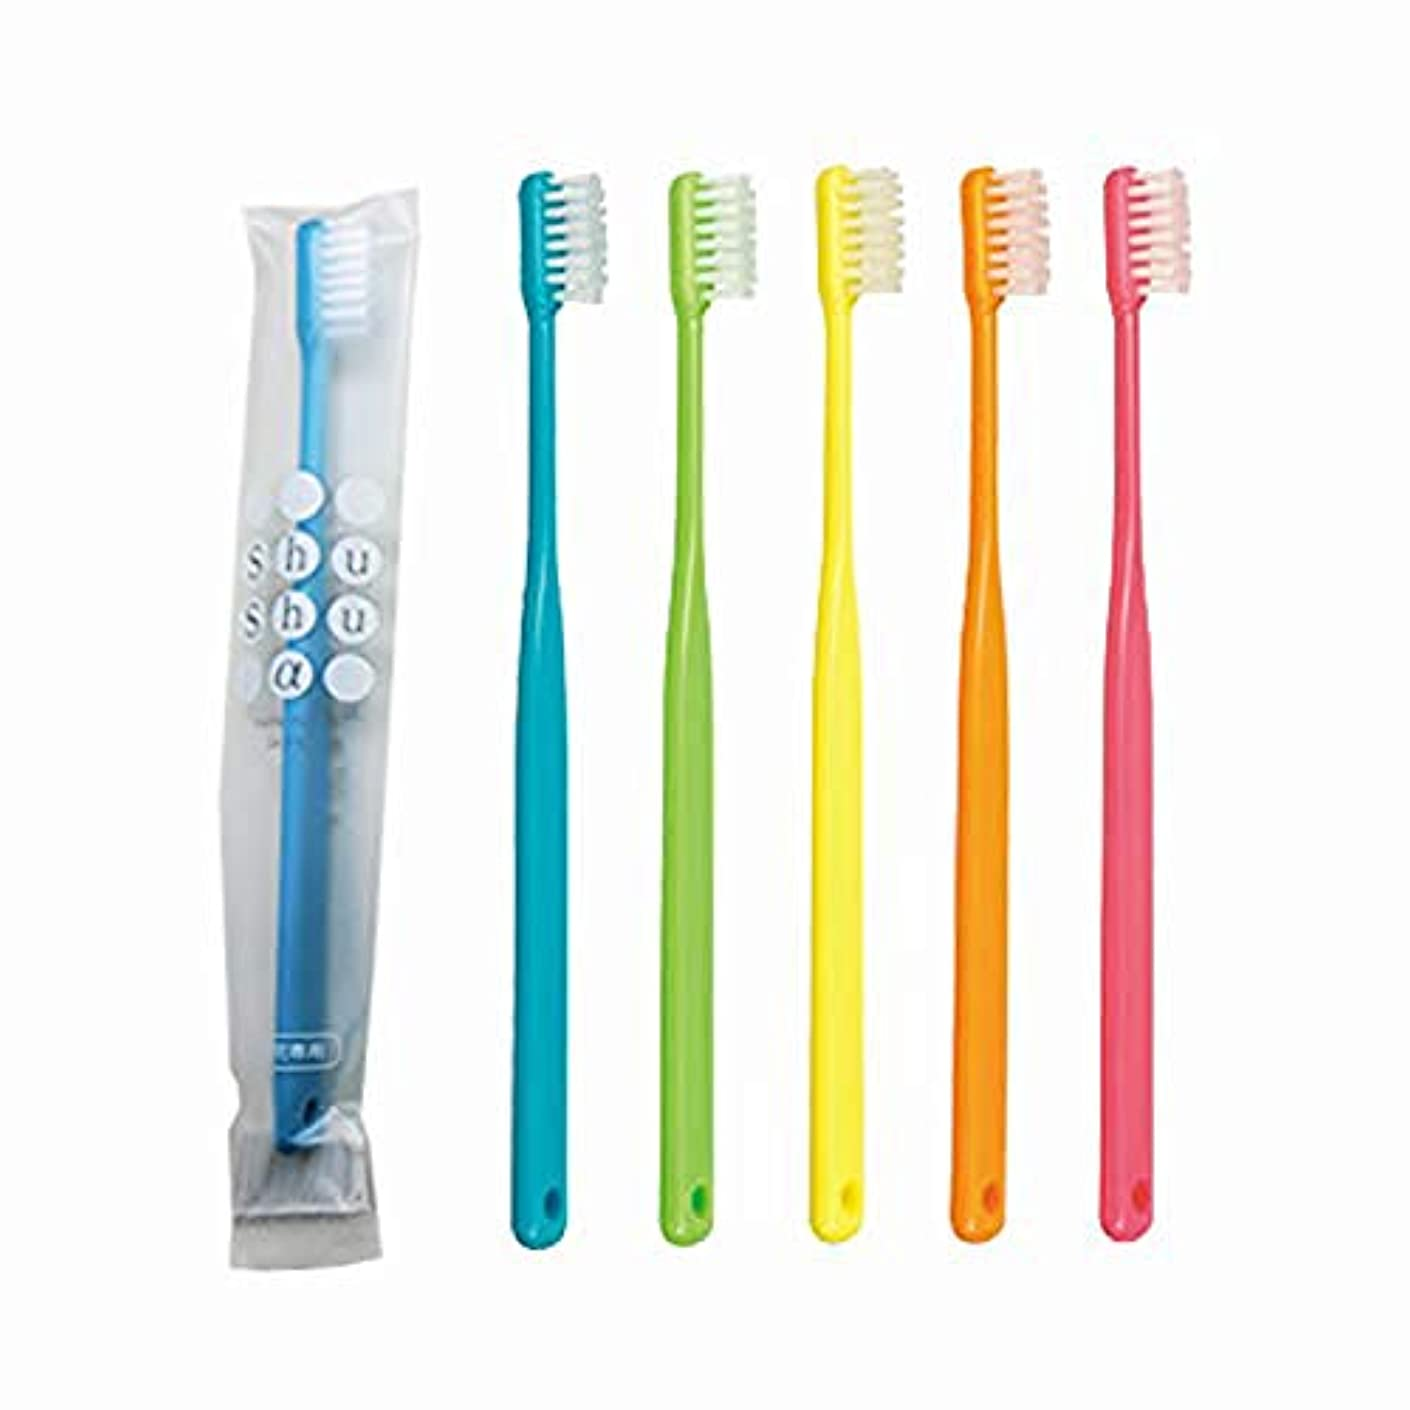 オプション恐怖意志歯科専売品 大人用歯ブラシ FEED Shu Shu α(シュシュアルファ)×20本 S (やわらかめ)